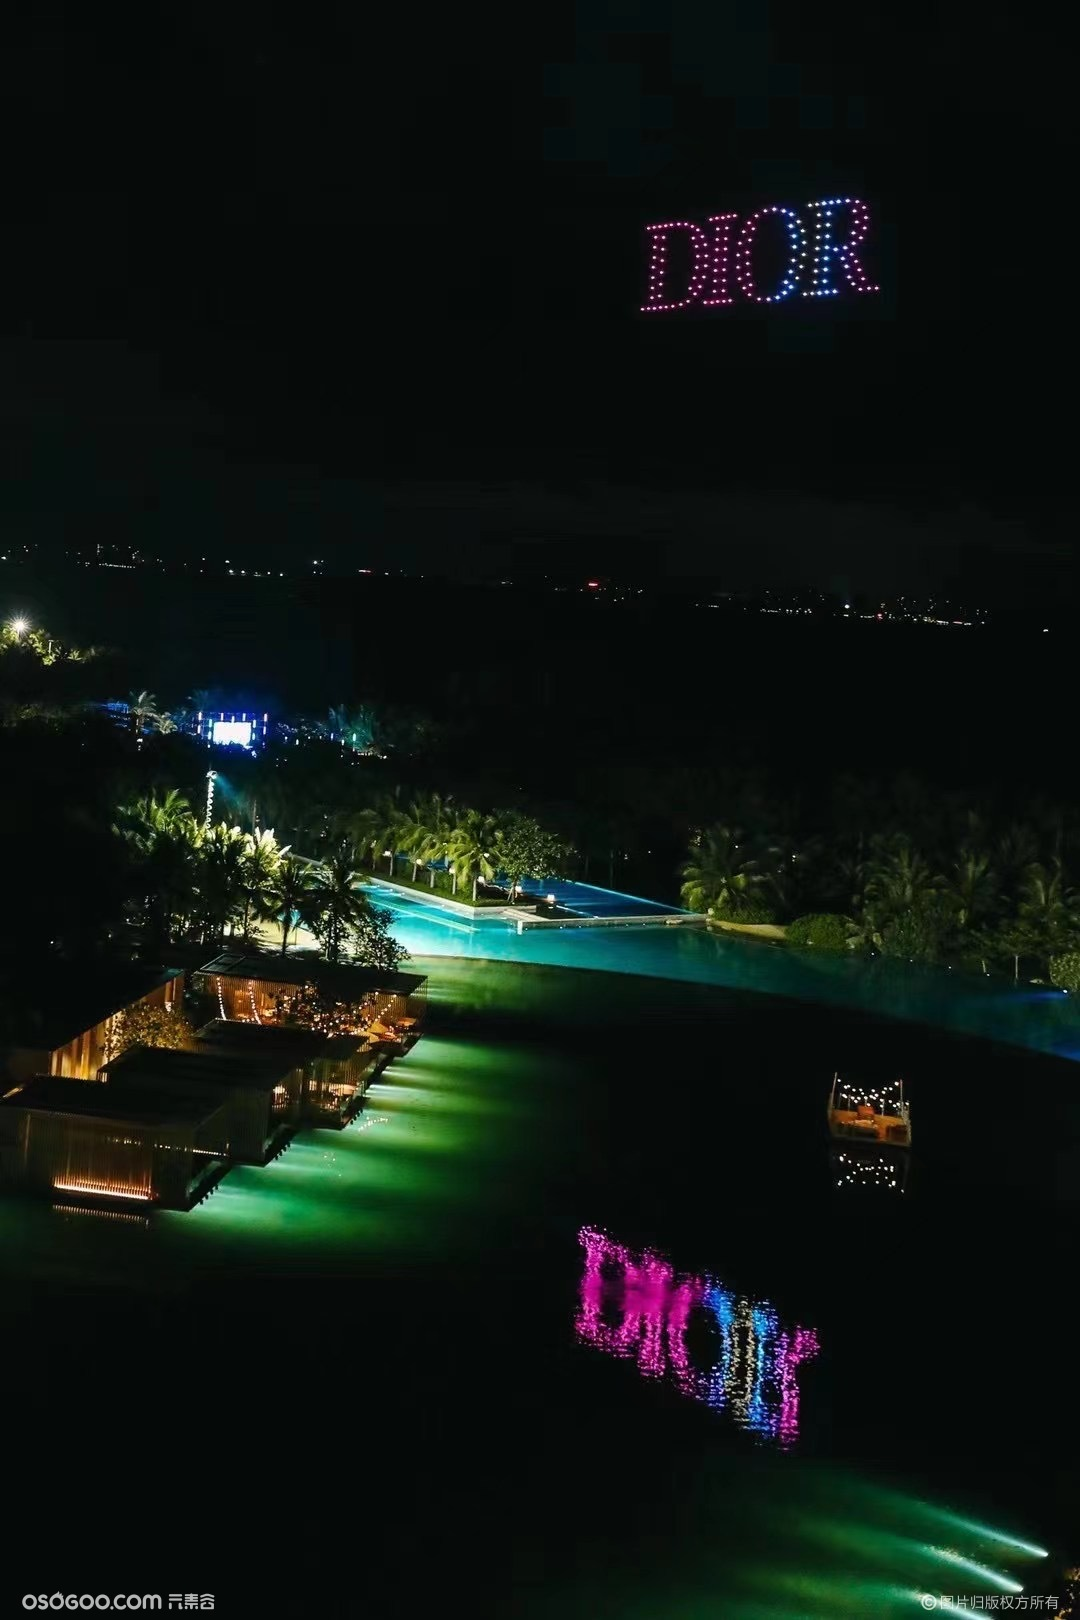 『不动•创意』 三亚 #迪奥# Dior无人机编队表演